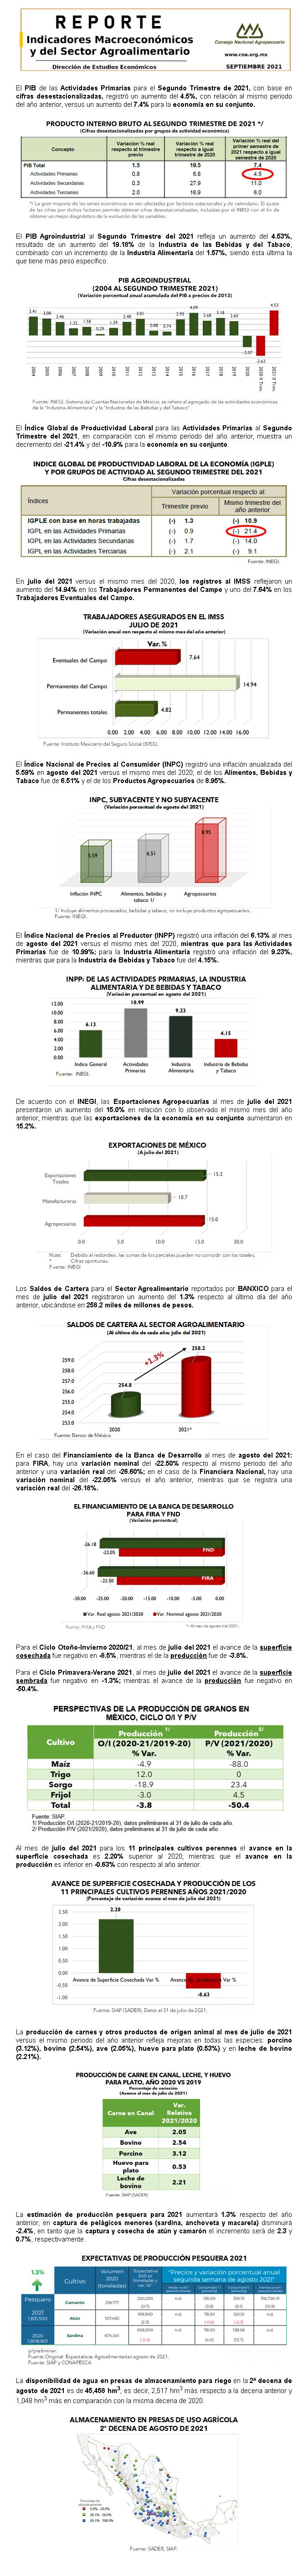 Reporte de Indicadores Macroeconómicos y Sectoriales del Sector septiembre 2021.